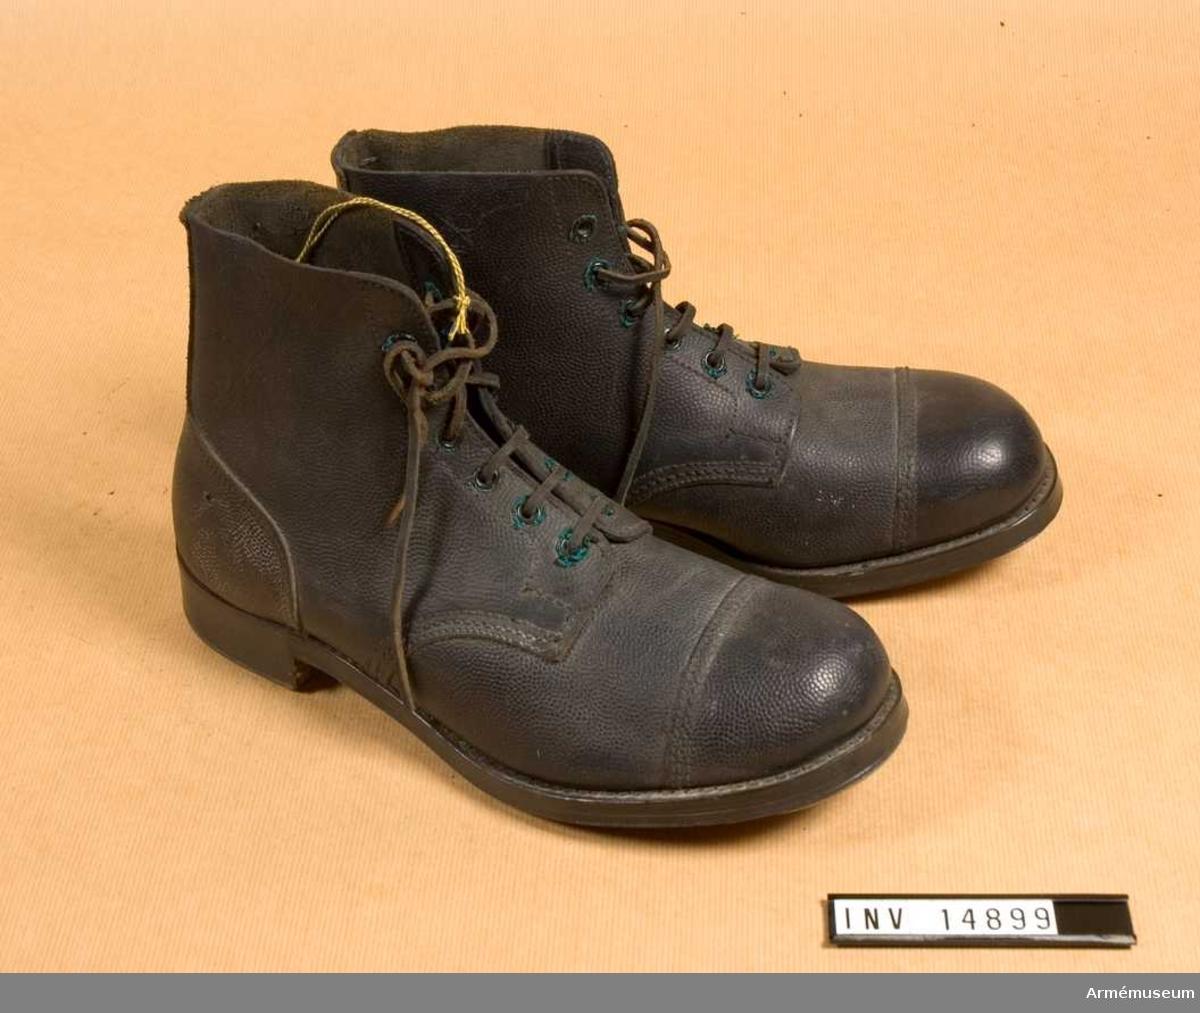 """Grupp C I. KÄNGOR, av grovt, svartfärgat läder med inskärning på framsidan och försedda med sex par järnringar, med vilka skorna snöres. Snörena är av läder. Sulor och klackar har järnbeslag. På sulorna finns stämplar: uppåtriktad pil """"8 M""""."""